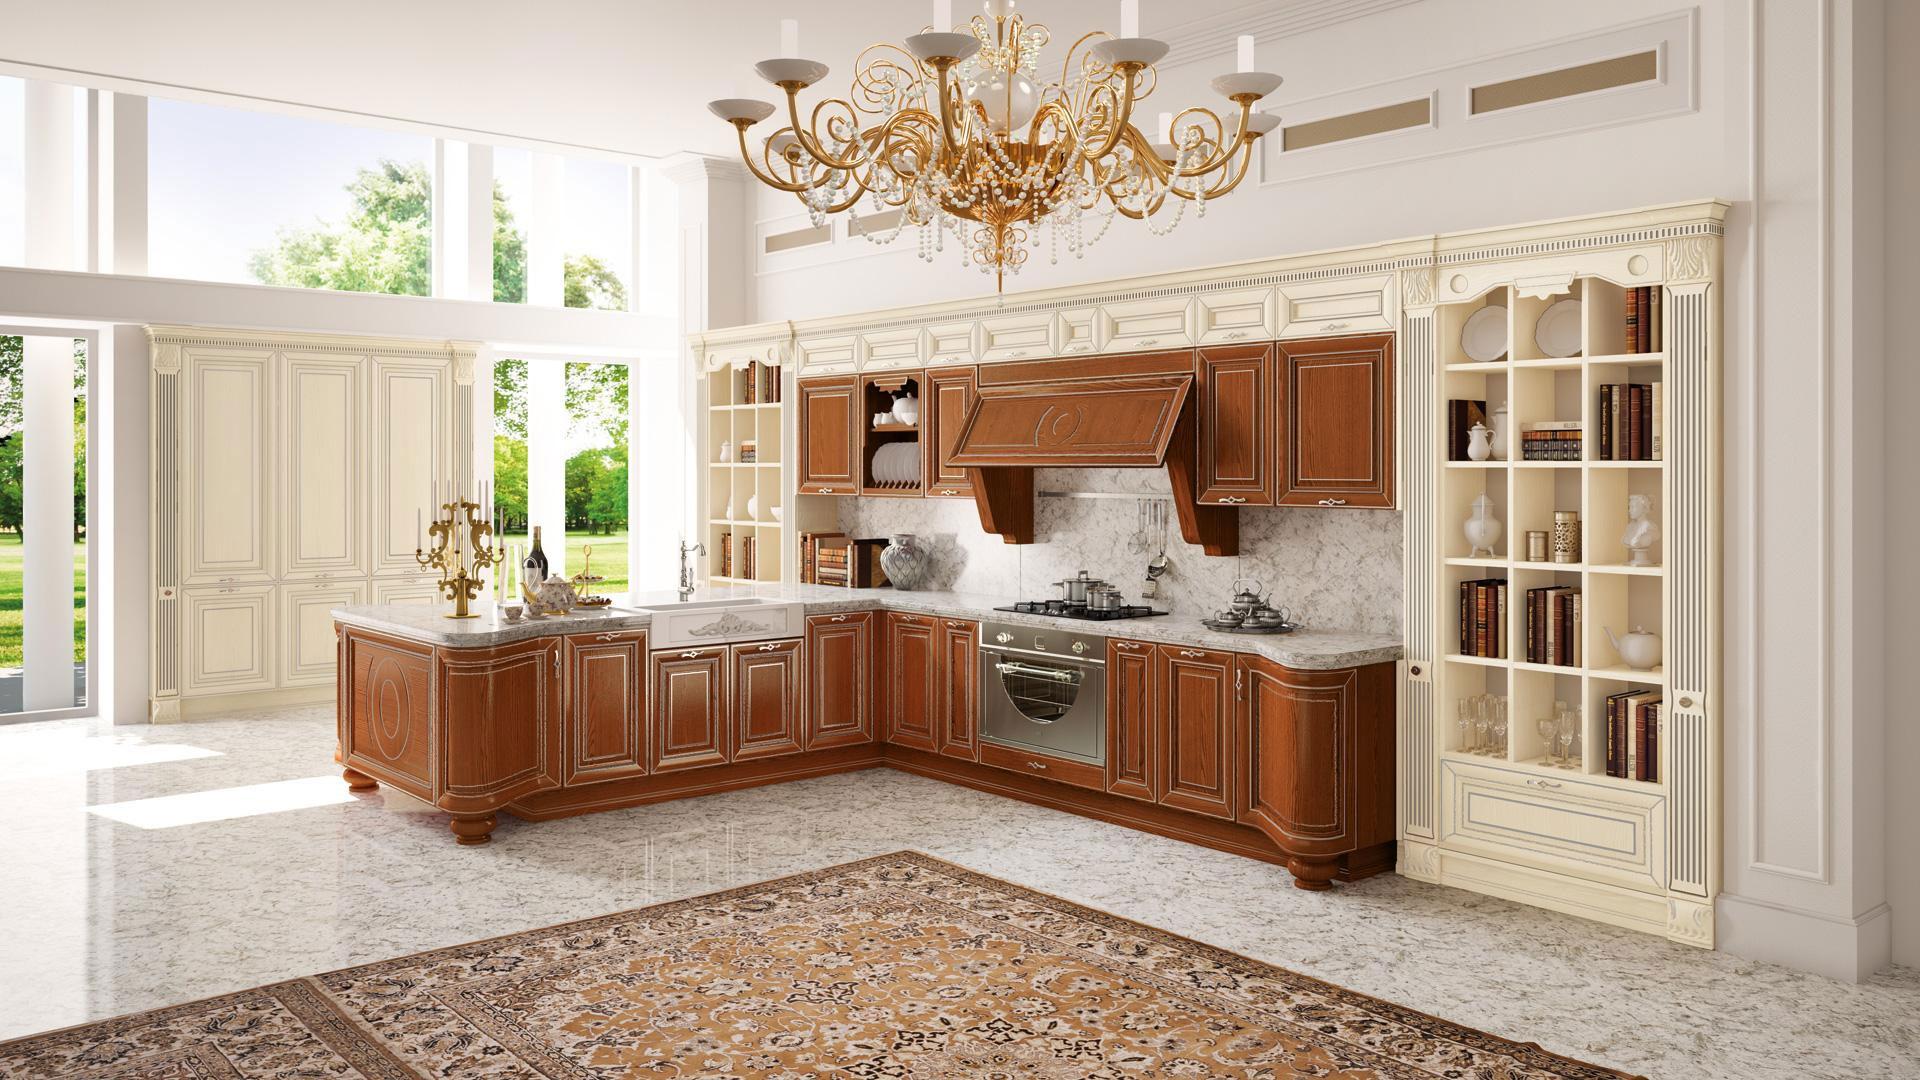 Vendita cucine lube for Cucine classiche